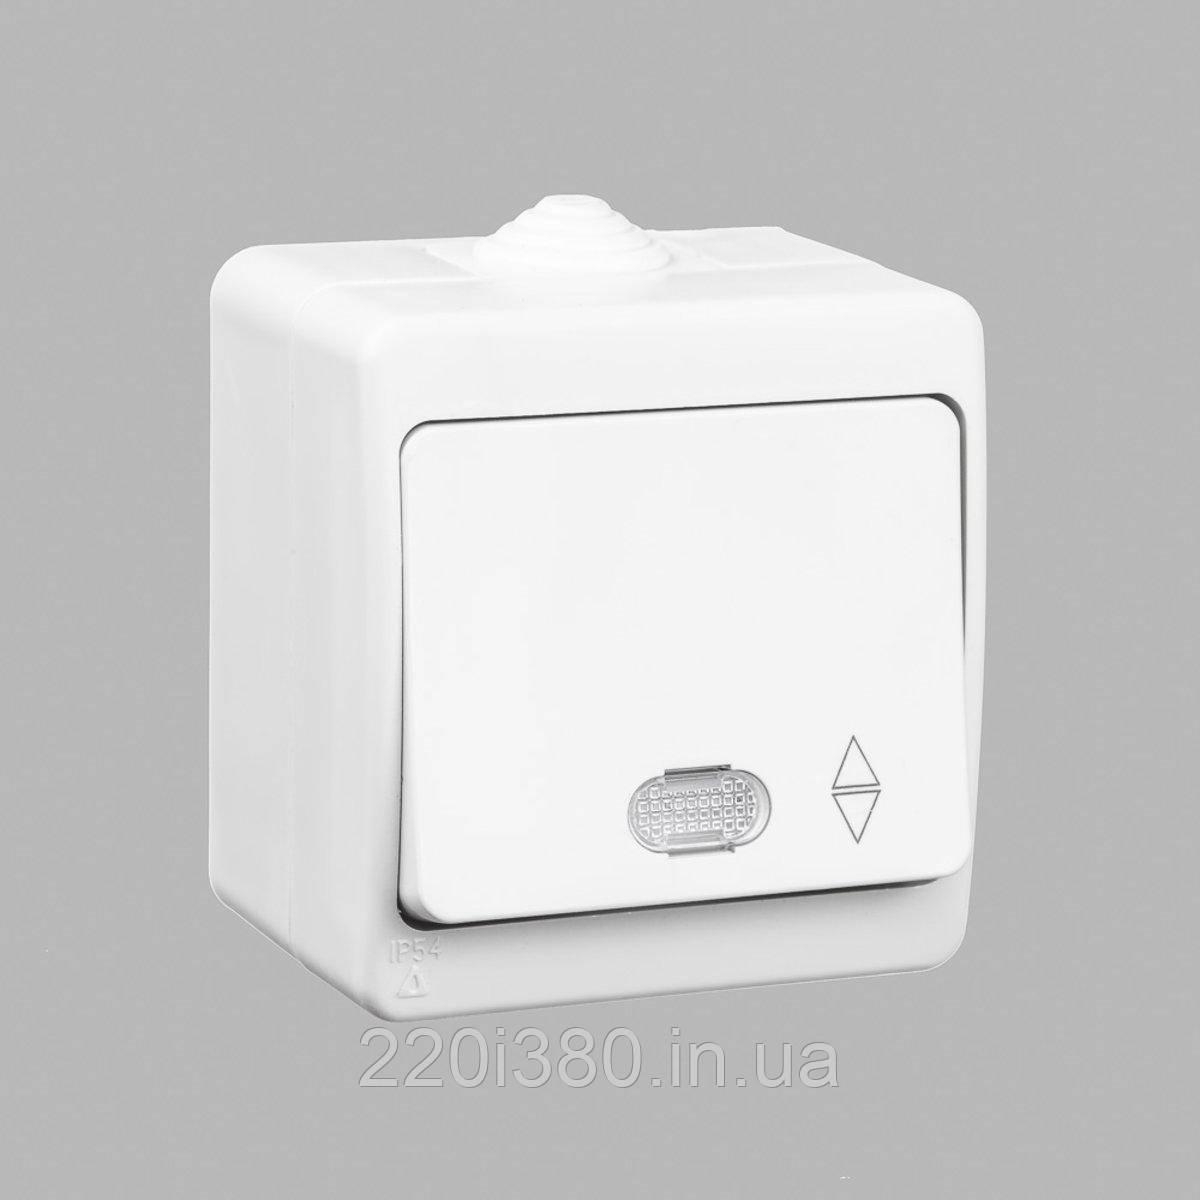 Nemli выключатель проходной 1-ый с подсветкой влагозащищенный белый